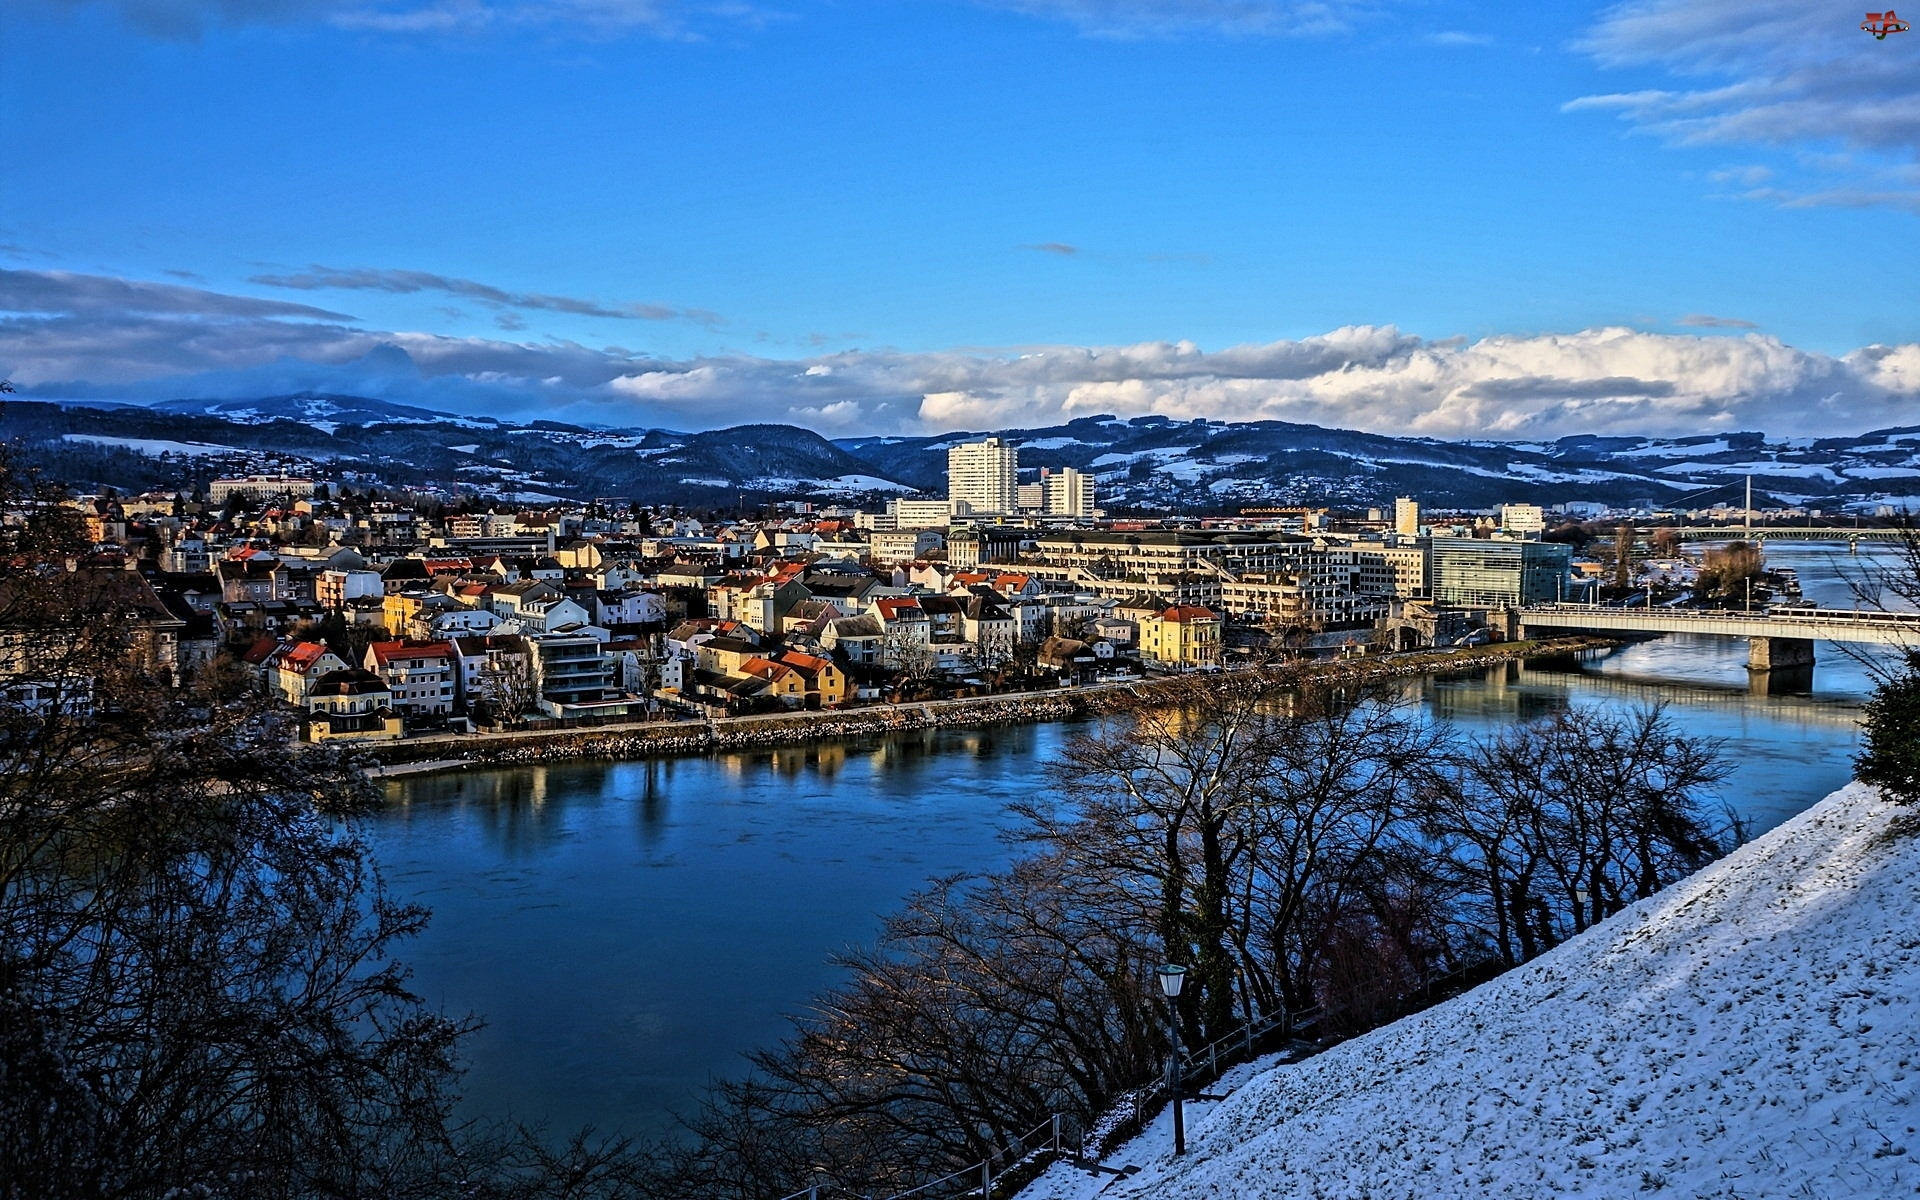 Austria, Zima, Miasto, Rzeka, Góry